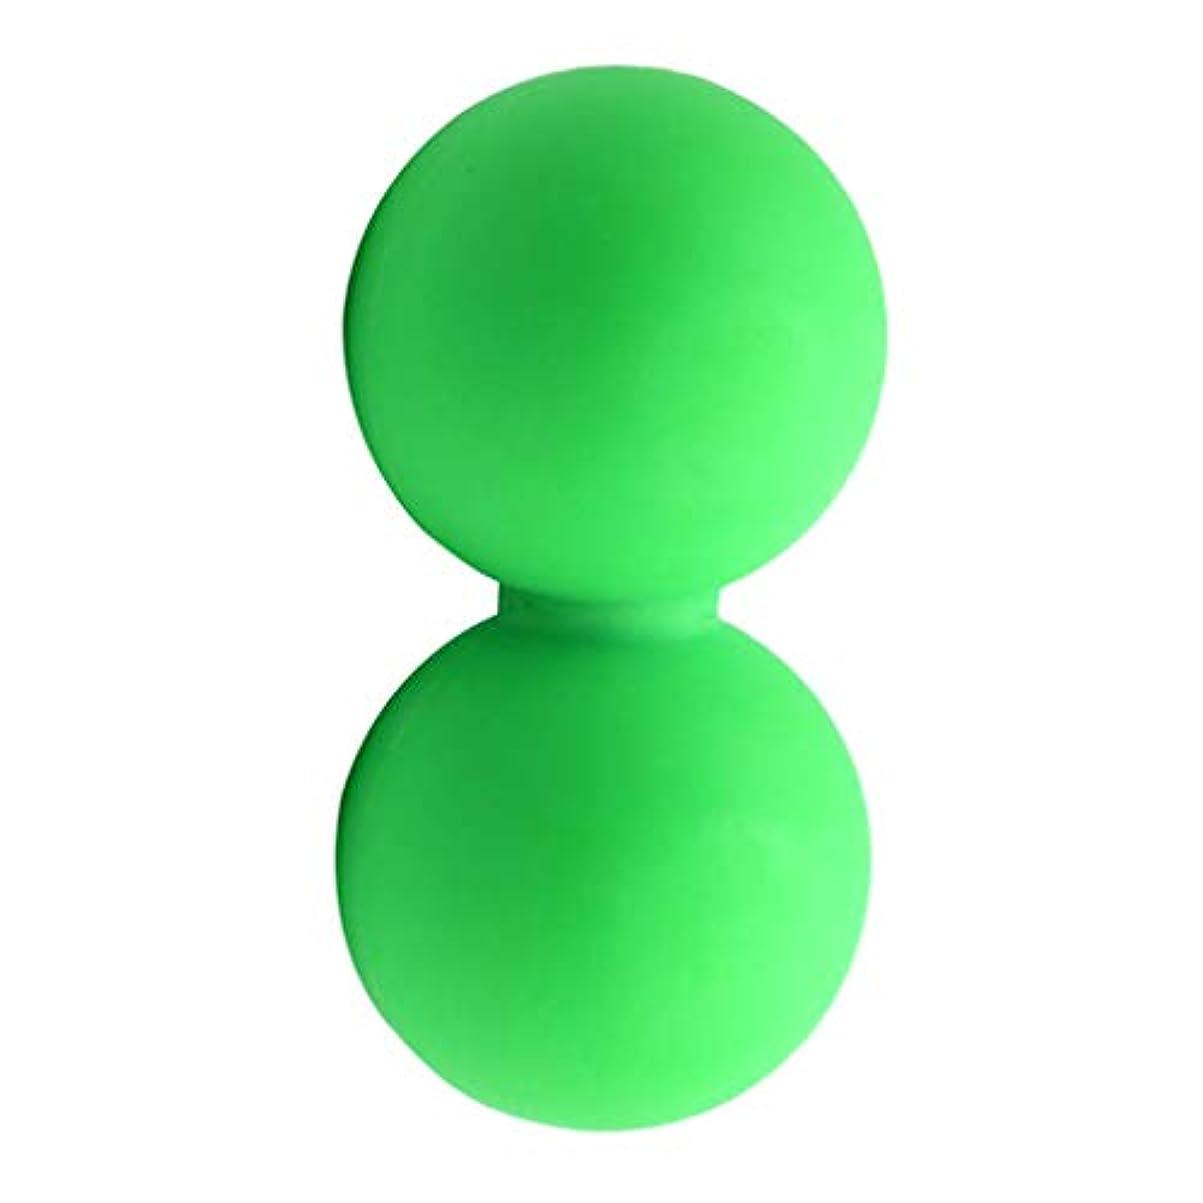 実験をする研究苦しむマッサージボール 疲れ取り スポーツケア 痛み緩和 リラックス グリーン